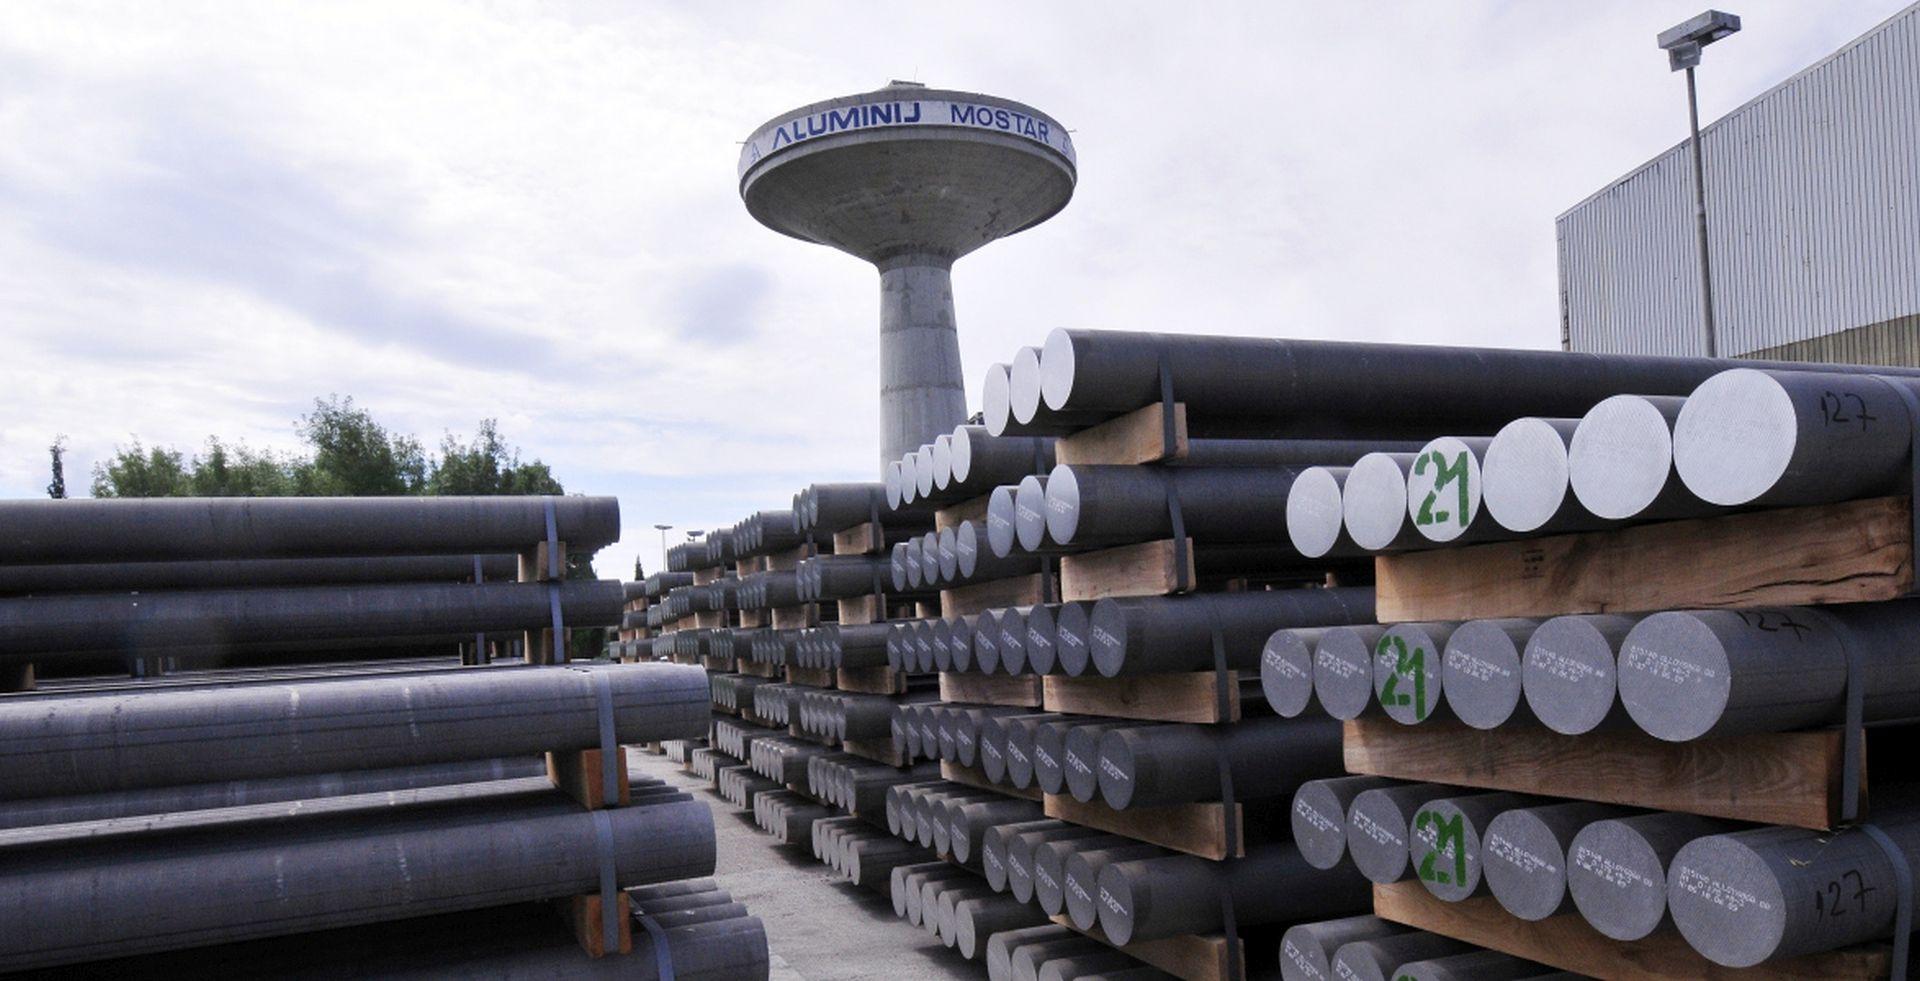 Mostar: Aluminij pokreće stečaj, radnici prozivaju politiku